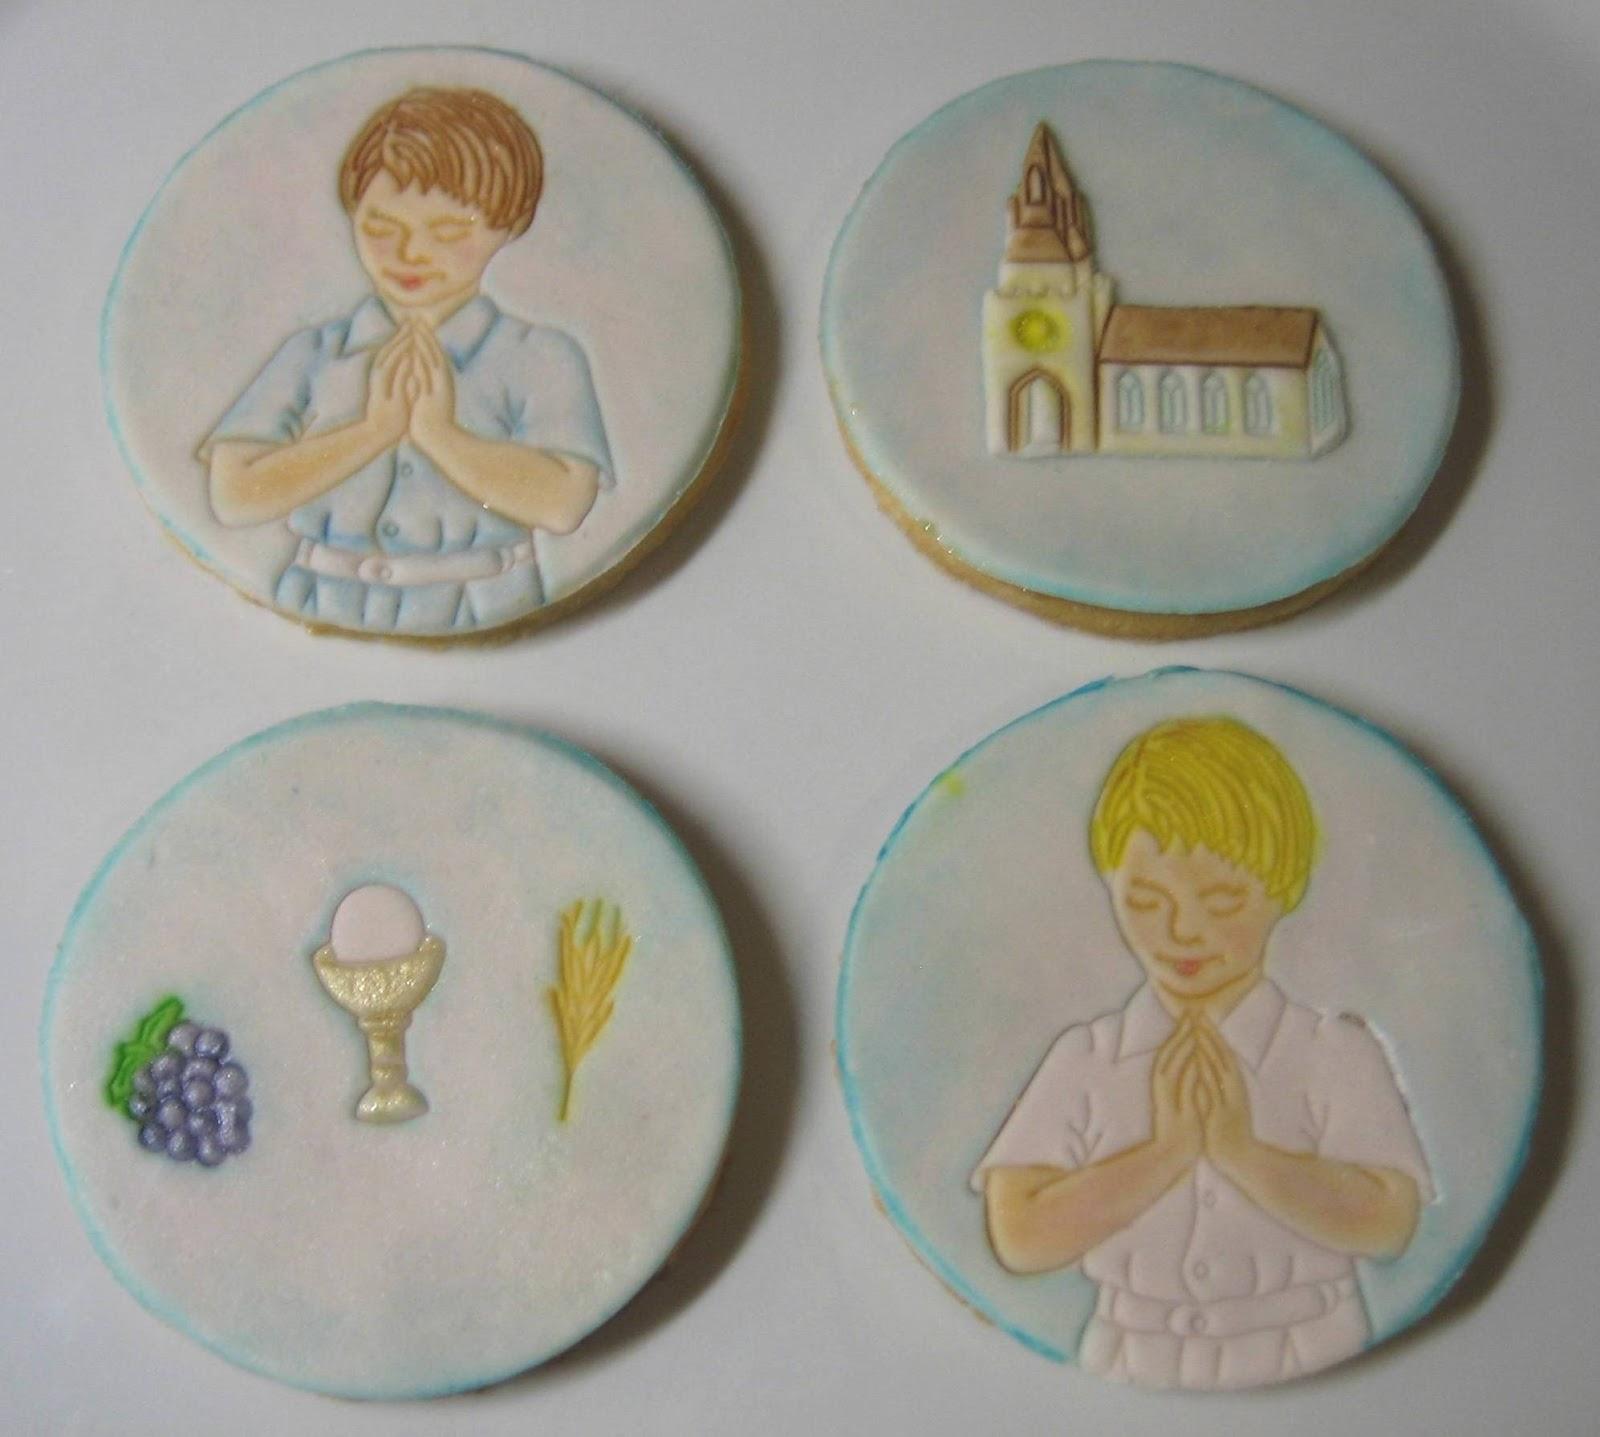 Torte e biscotti decorati per bomboniere golose - Decorazioni per cresima ...